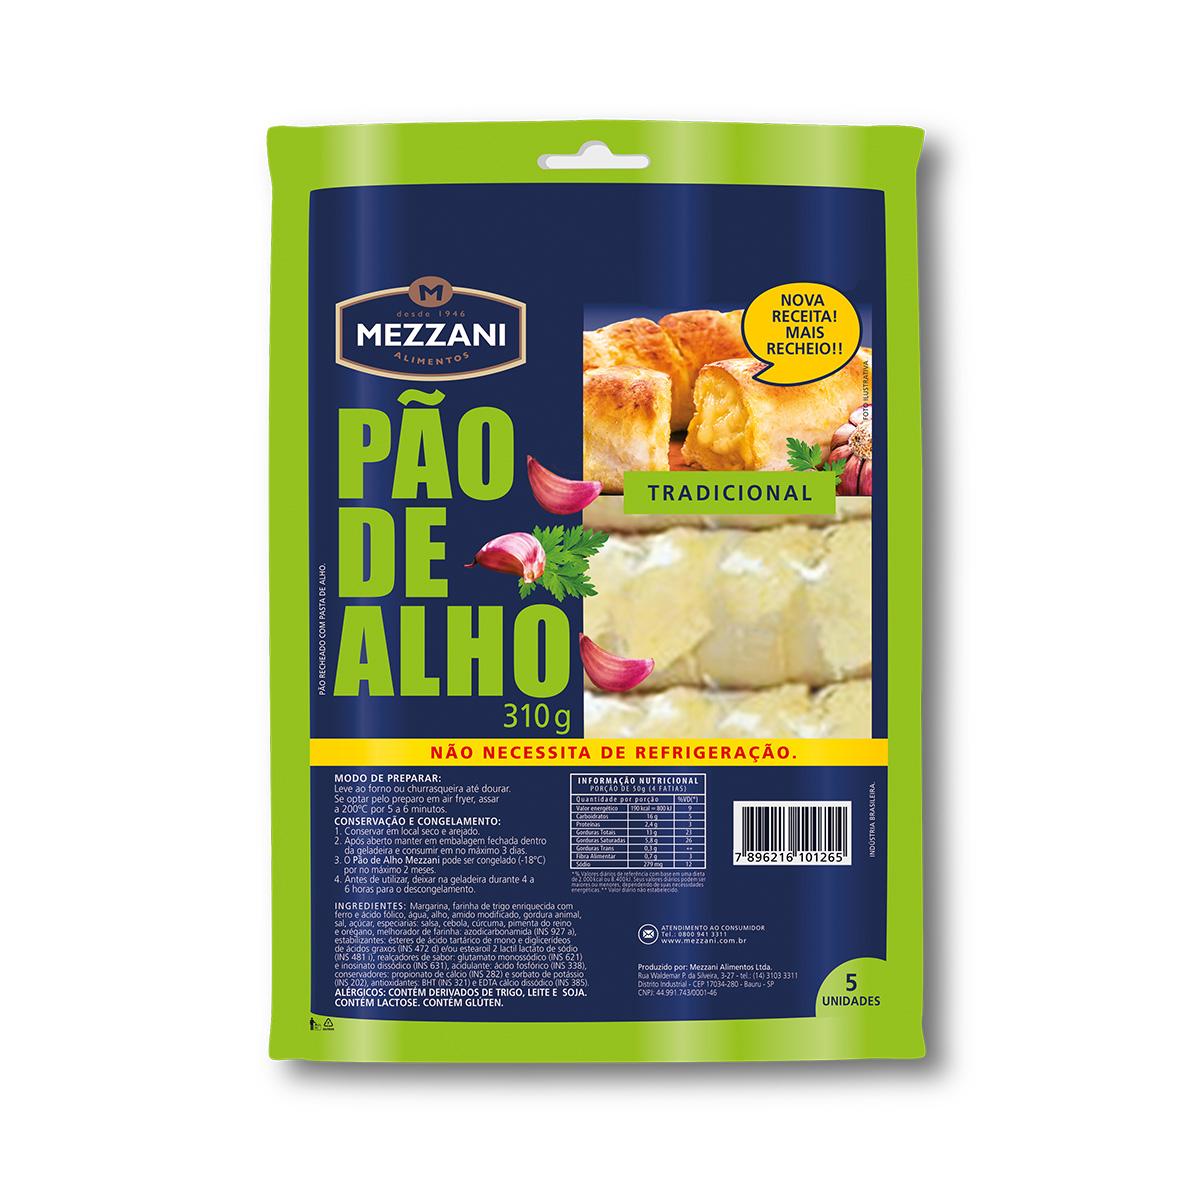 PÃO DE ALHO SEM REFRIGERAÇÃO 310G